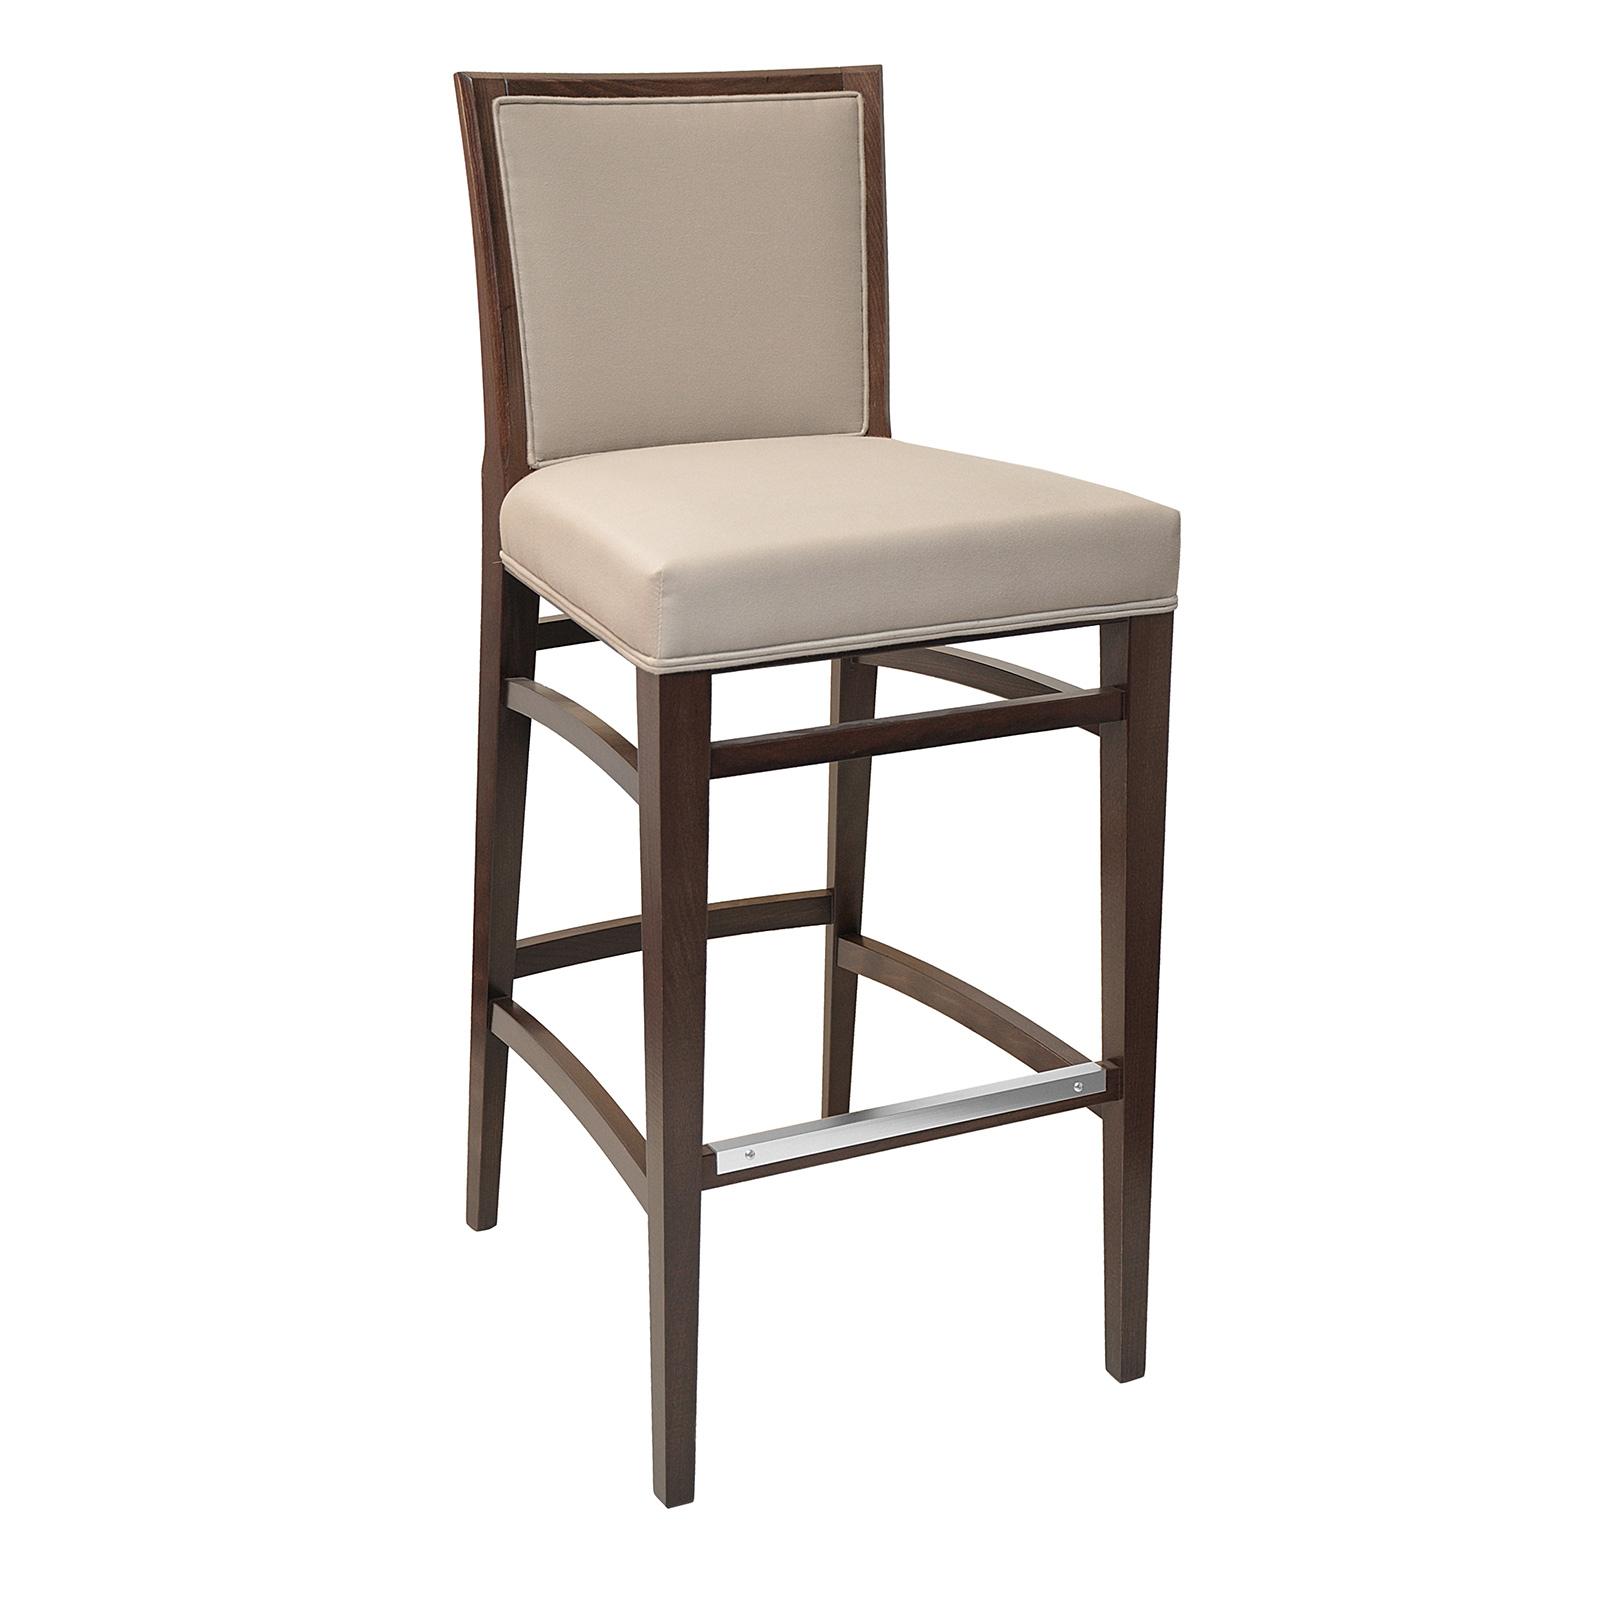 Florida Seating CN-JESSICA B COM bar stool, indoor